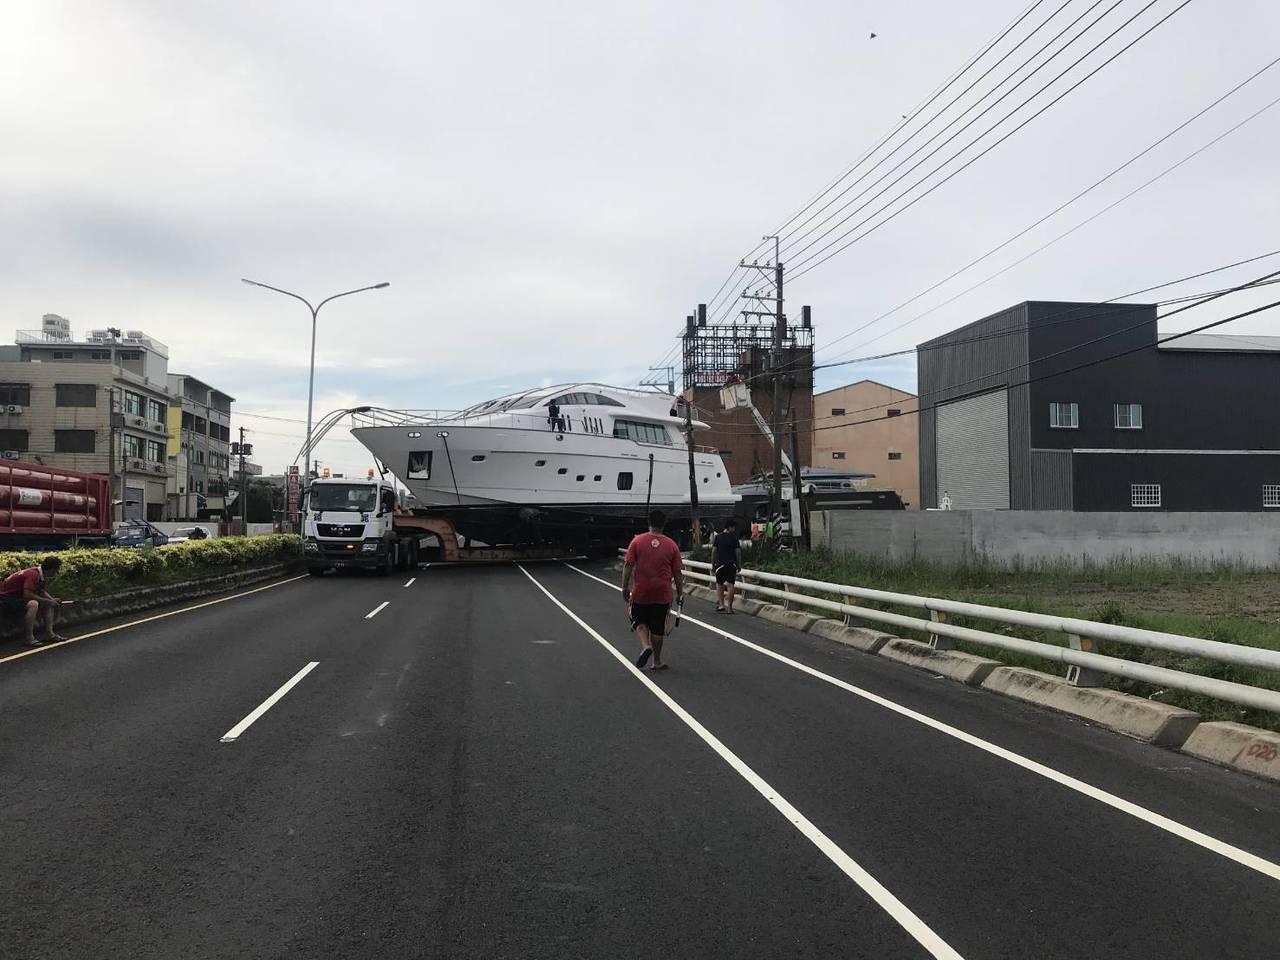 準備進入工廠維修保養的遊艇高度達3層樓高,行走在馬路上十分醒目。記者徐白櫻/翻攝